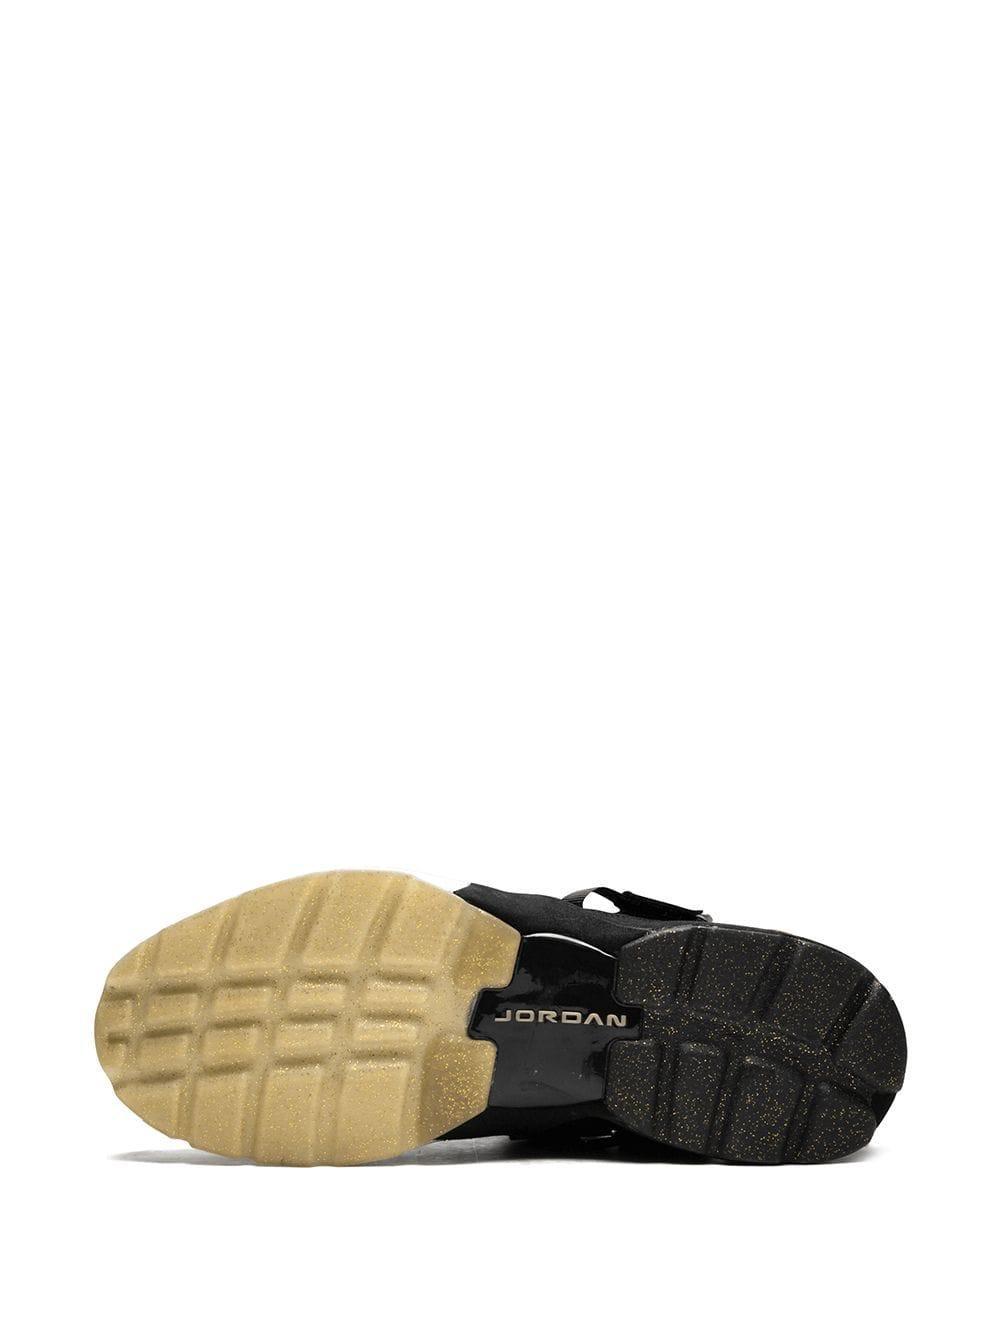 Zapatillas con suela dentada Nike de Tejido sintético de color Negro para hombre